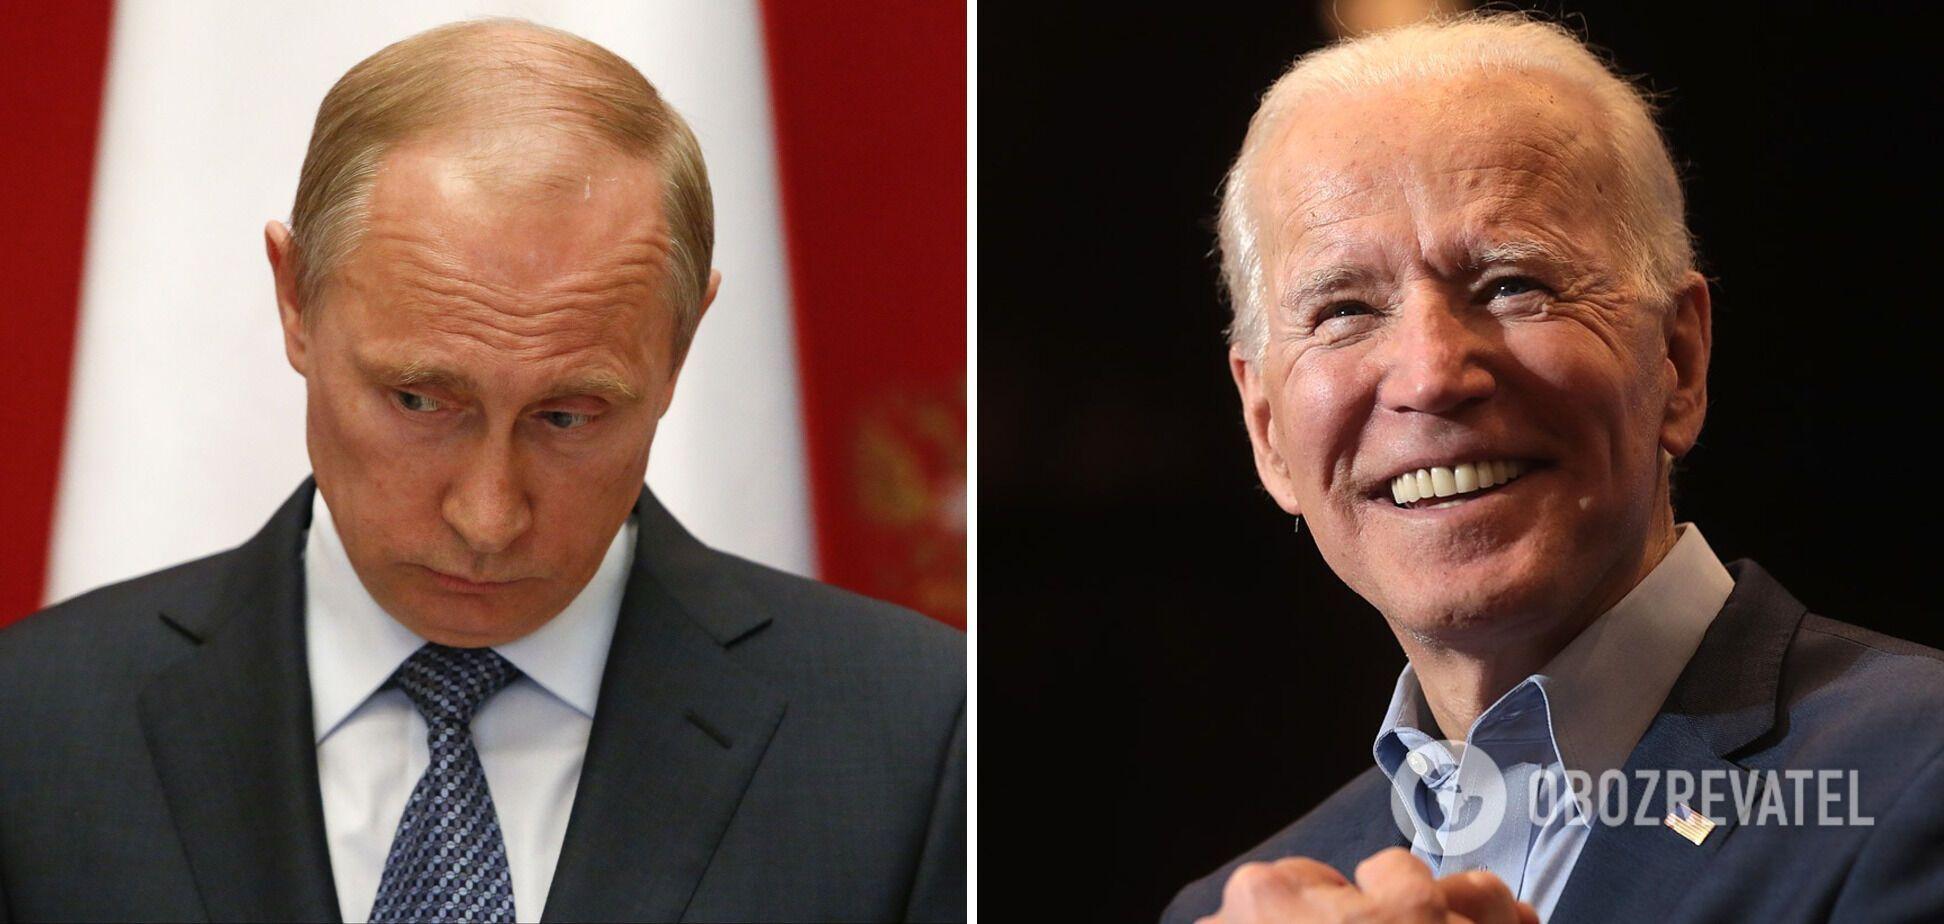 Вистріливши словом 'убивця', Байден серйозно поранив Путіна